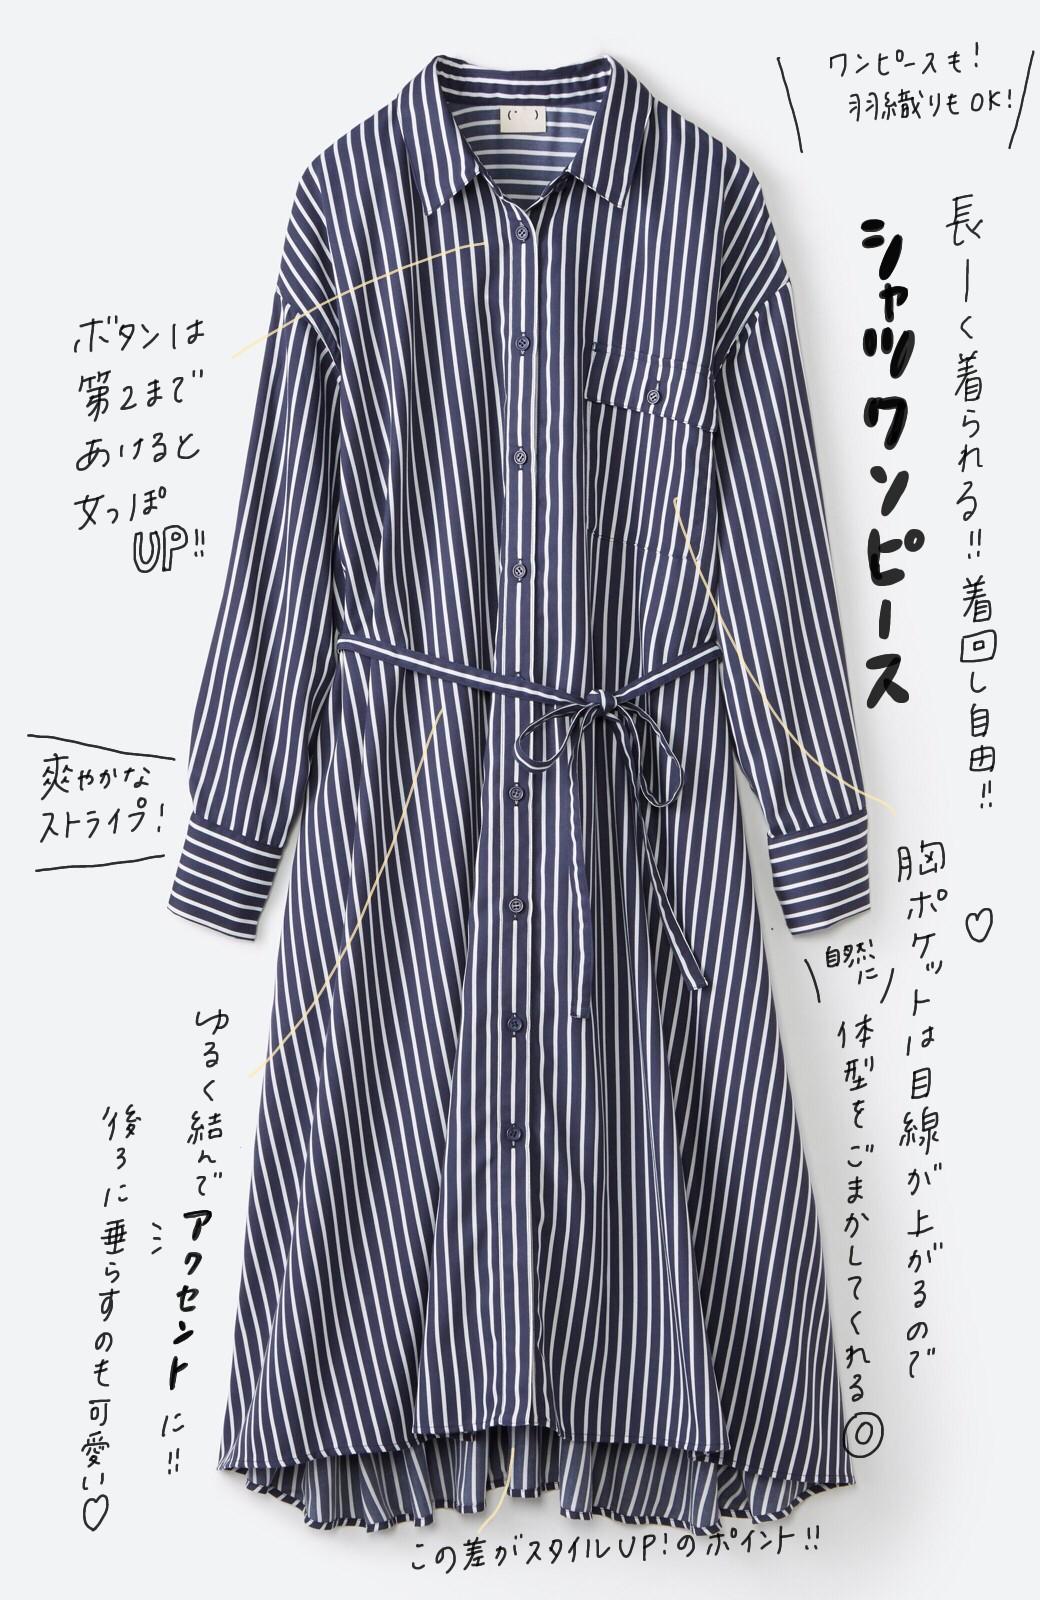 haco! 長ーーい季節着られる! 単品づかいはもちろん重ね着も楽しいシャツワンピース  <ネイビー>の商品写真2